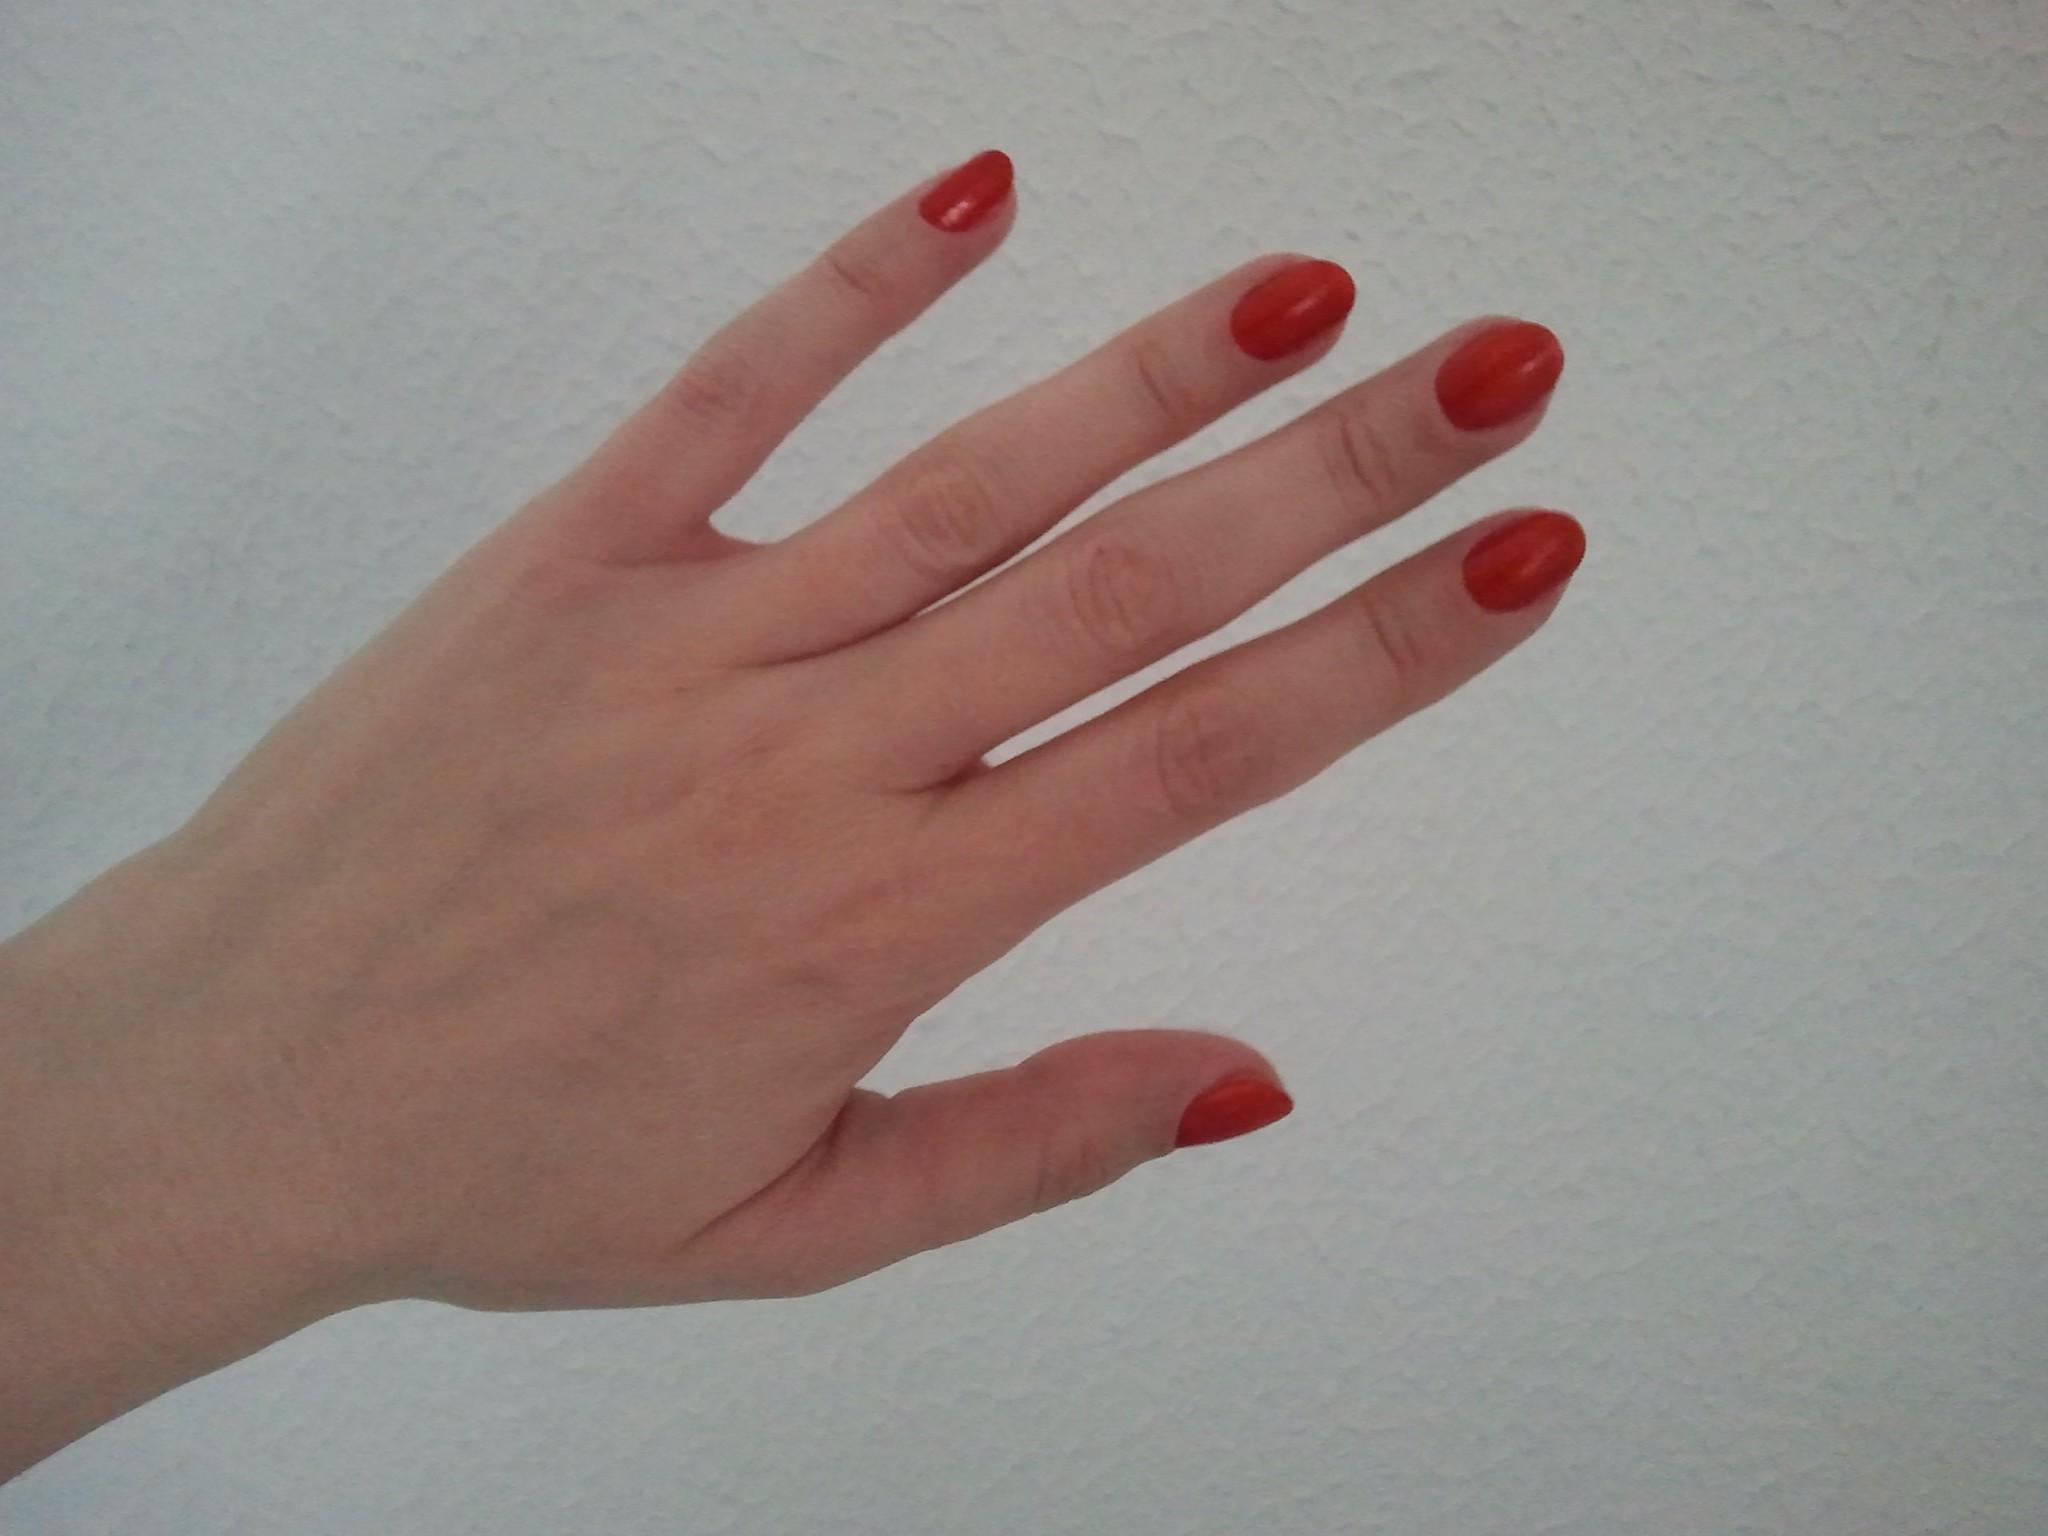 А какие ногти у вас фото